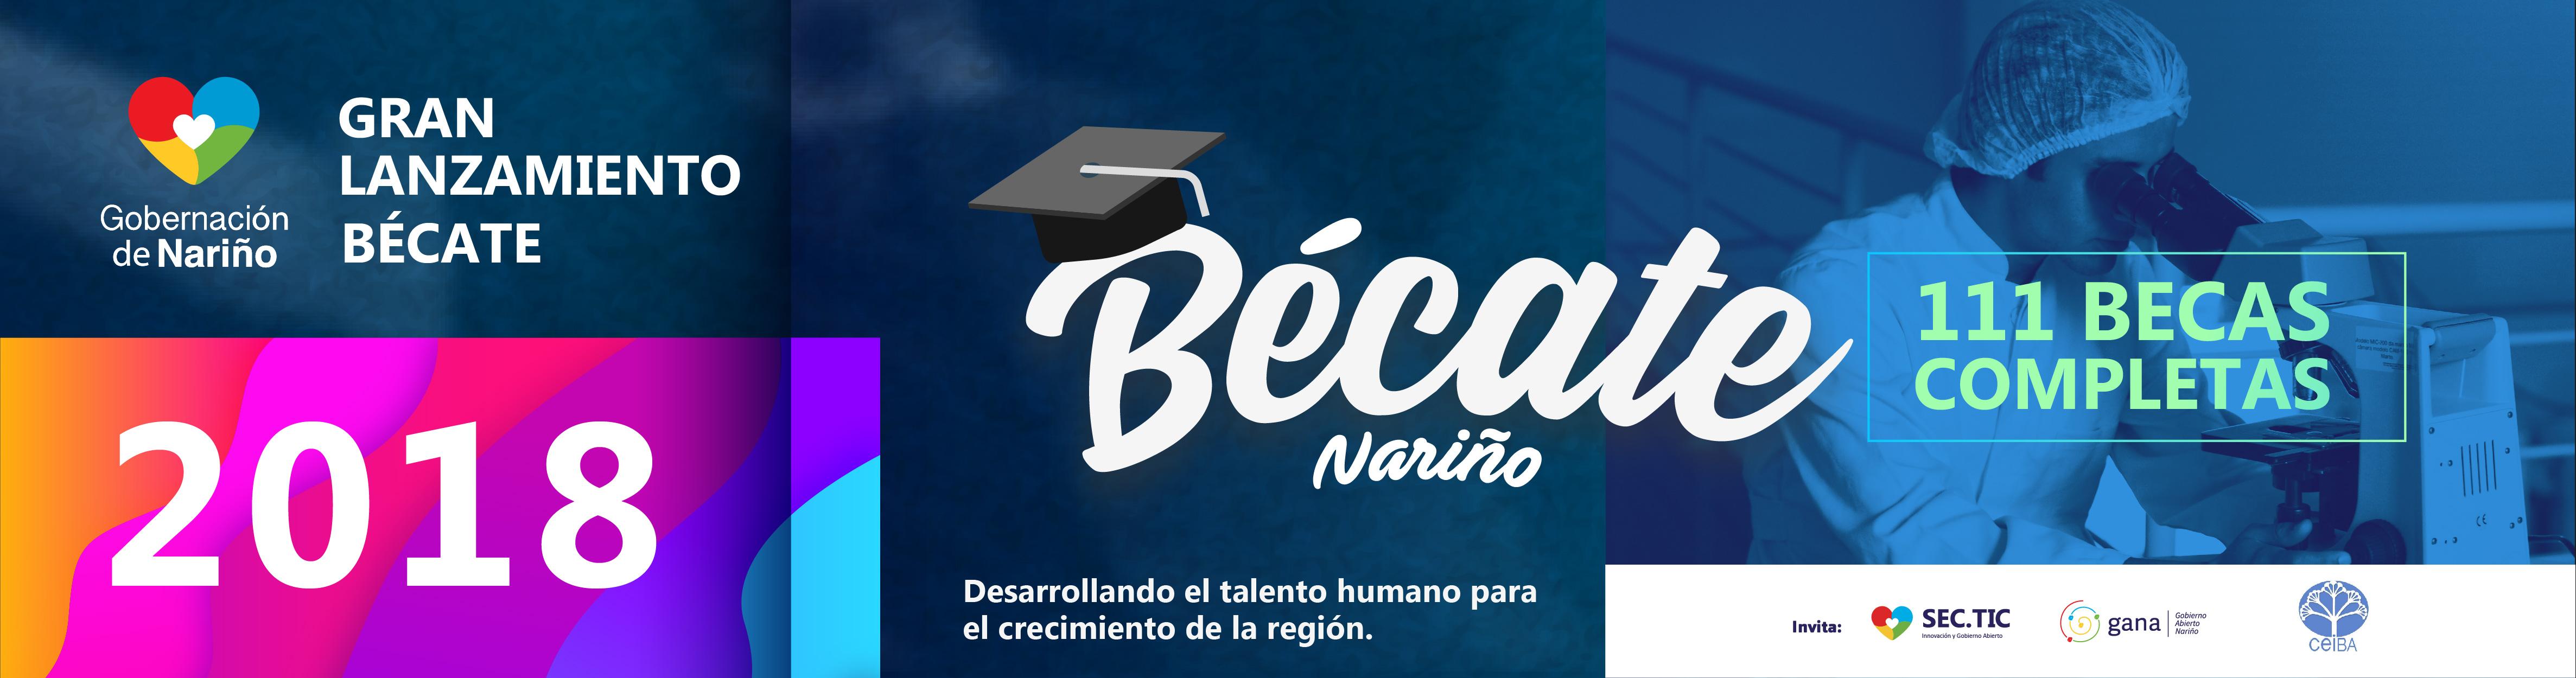 Becate_formulario-01